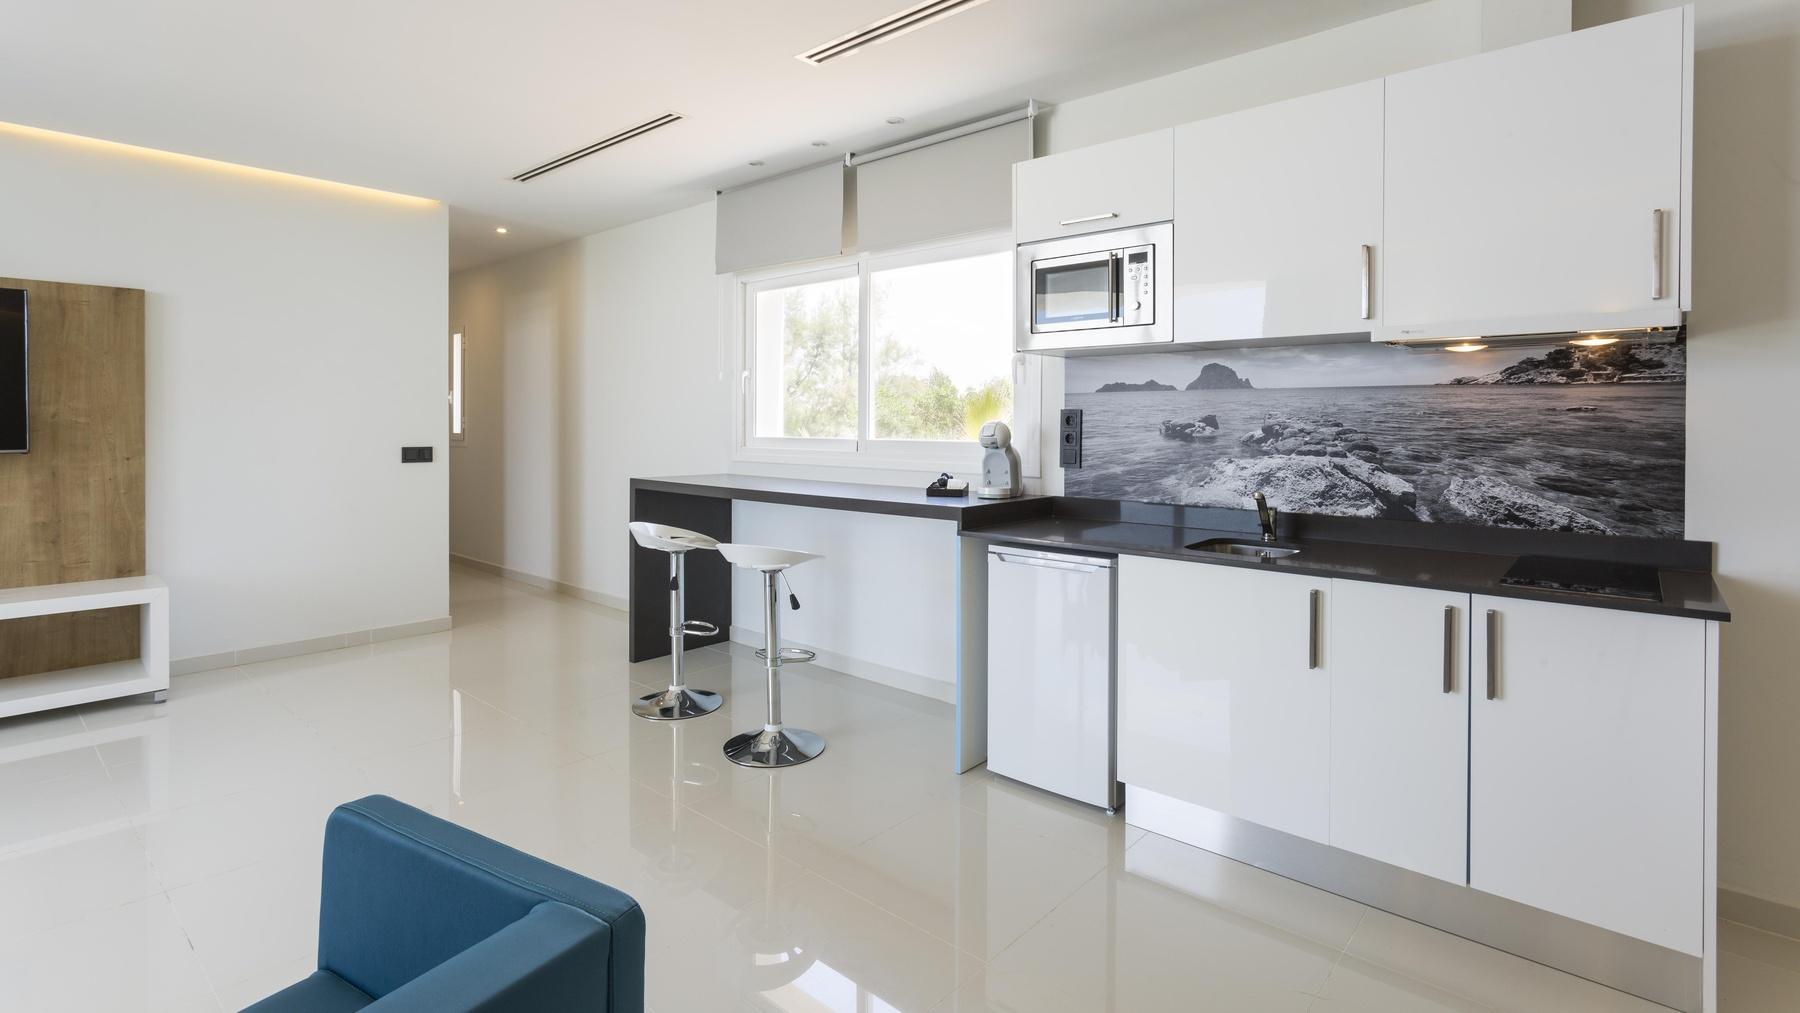 Deluxe Master Suite 2 bedrooms, roof terrace